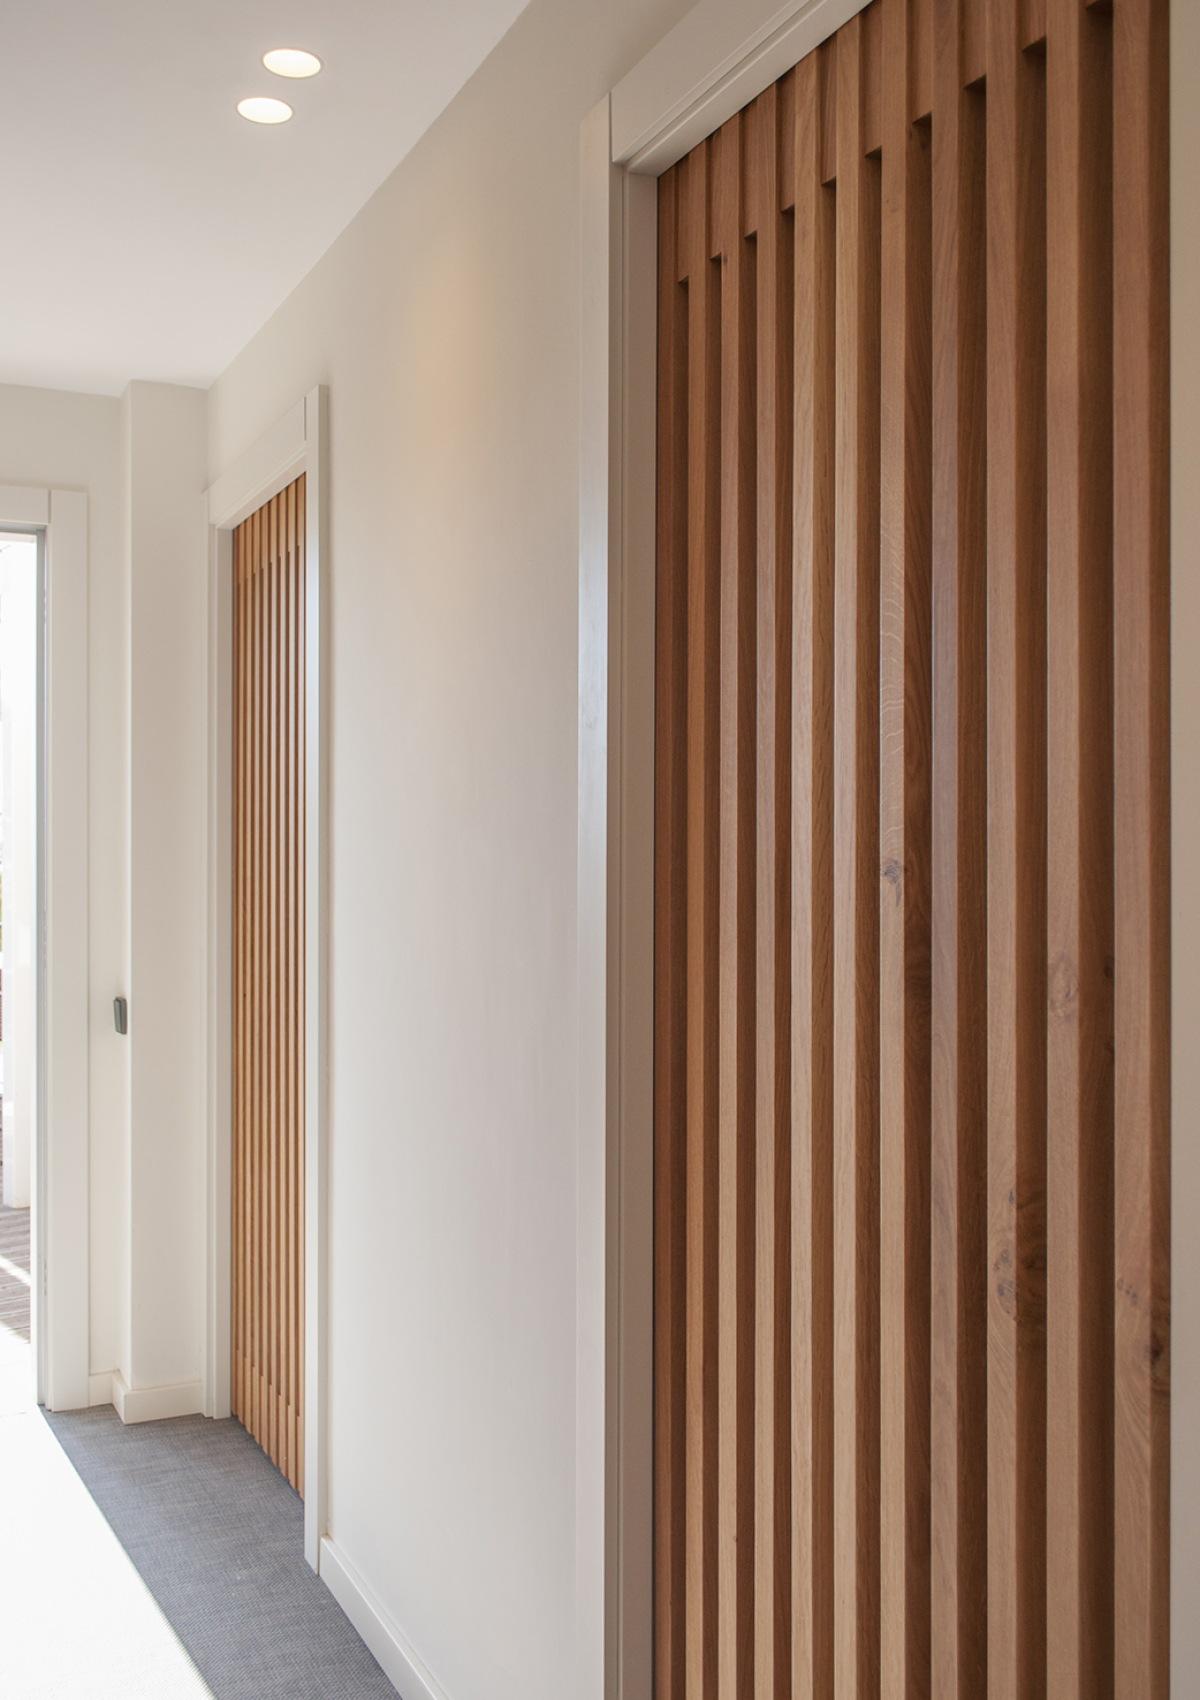 5-architecture-sitges-interior-design-barcelona-doors-wood-modern-desing-lights